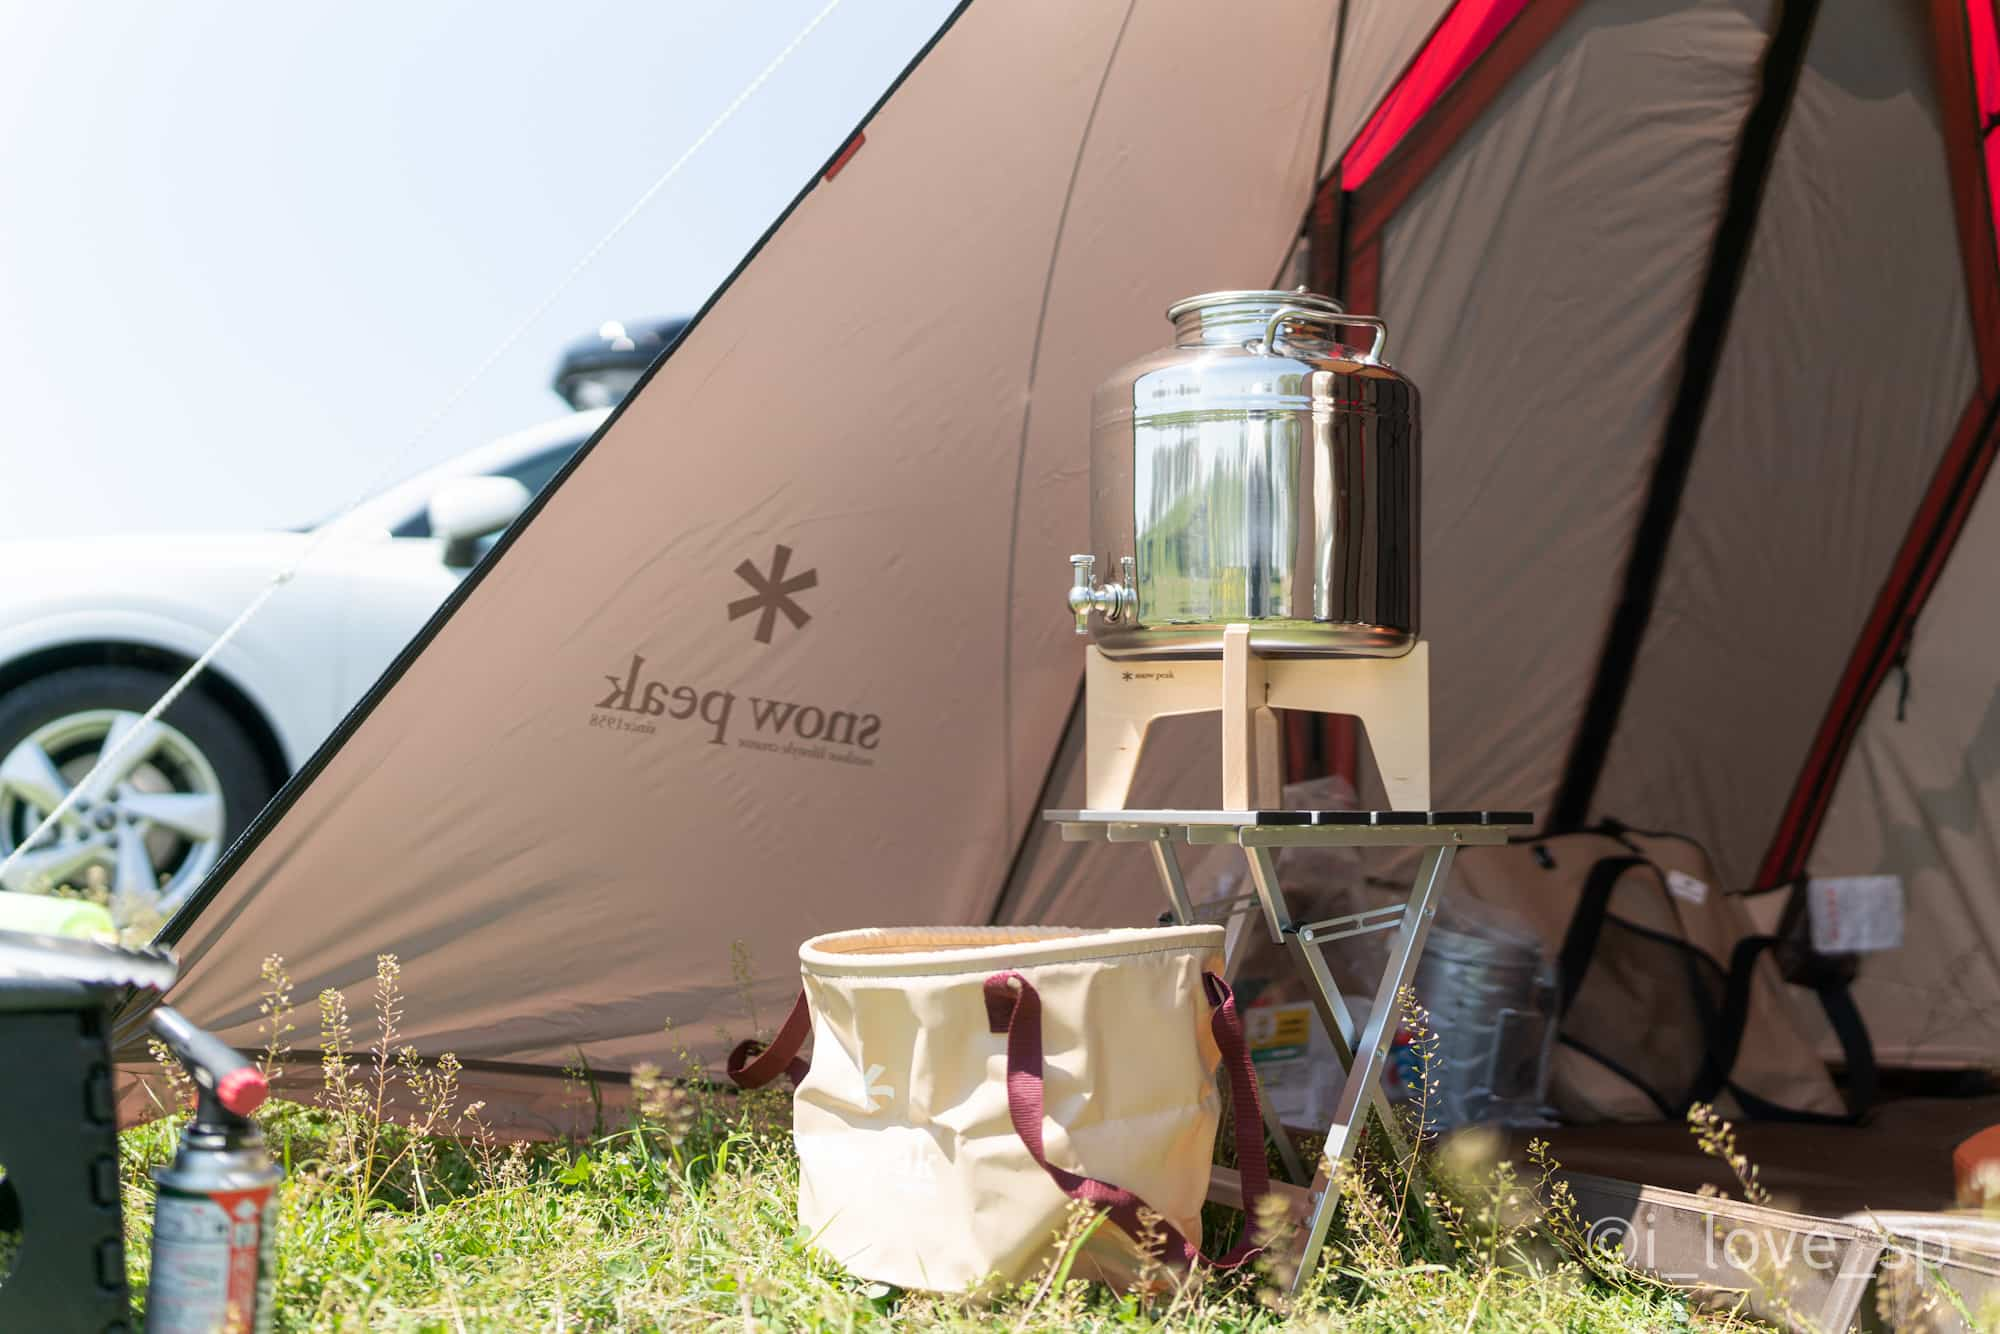 ジャンボキャンプシンクとステンジャグ使用例